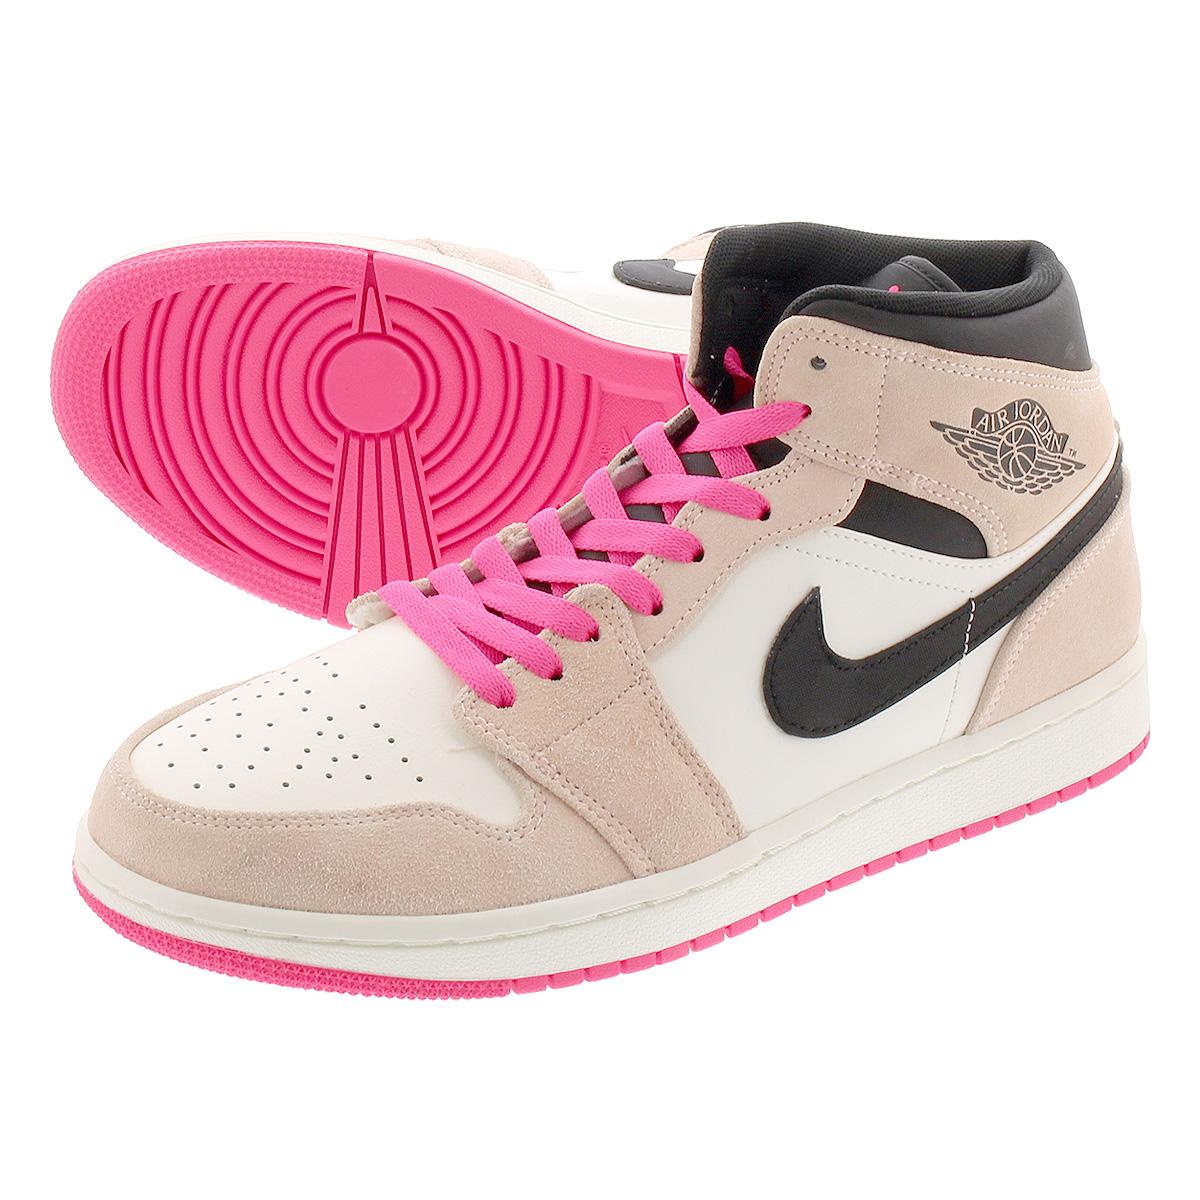 Nike Air Jordan 1 Mid SE Hyper Pink | 43einhalb Sneaker Store